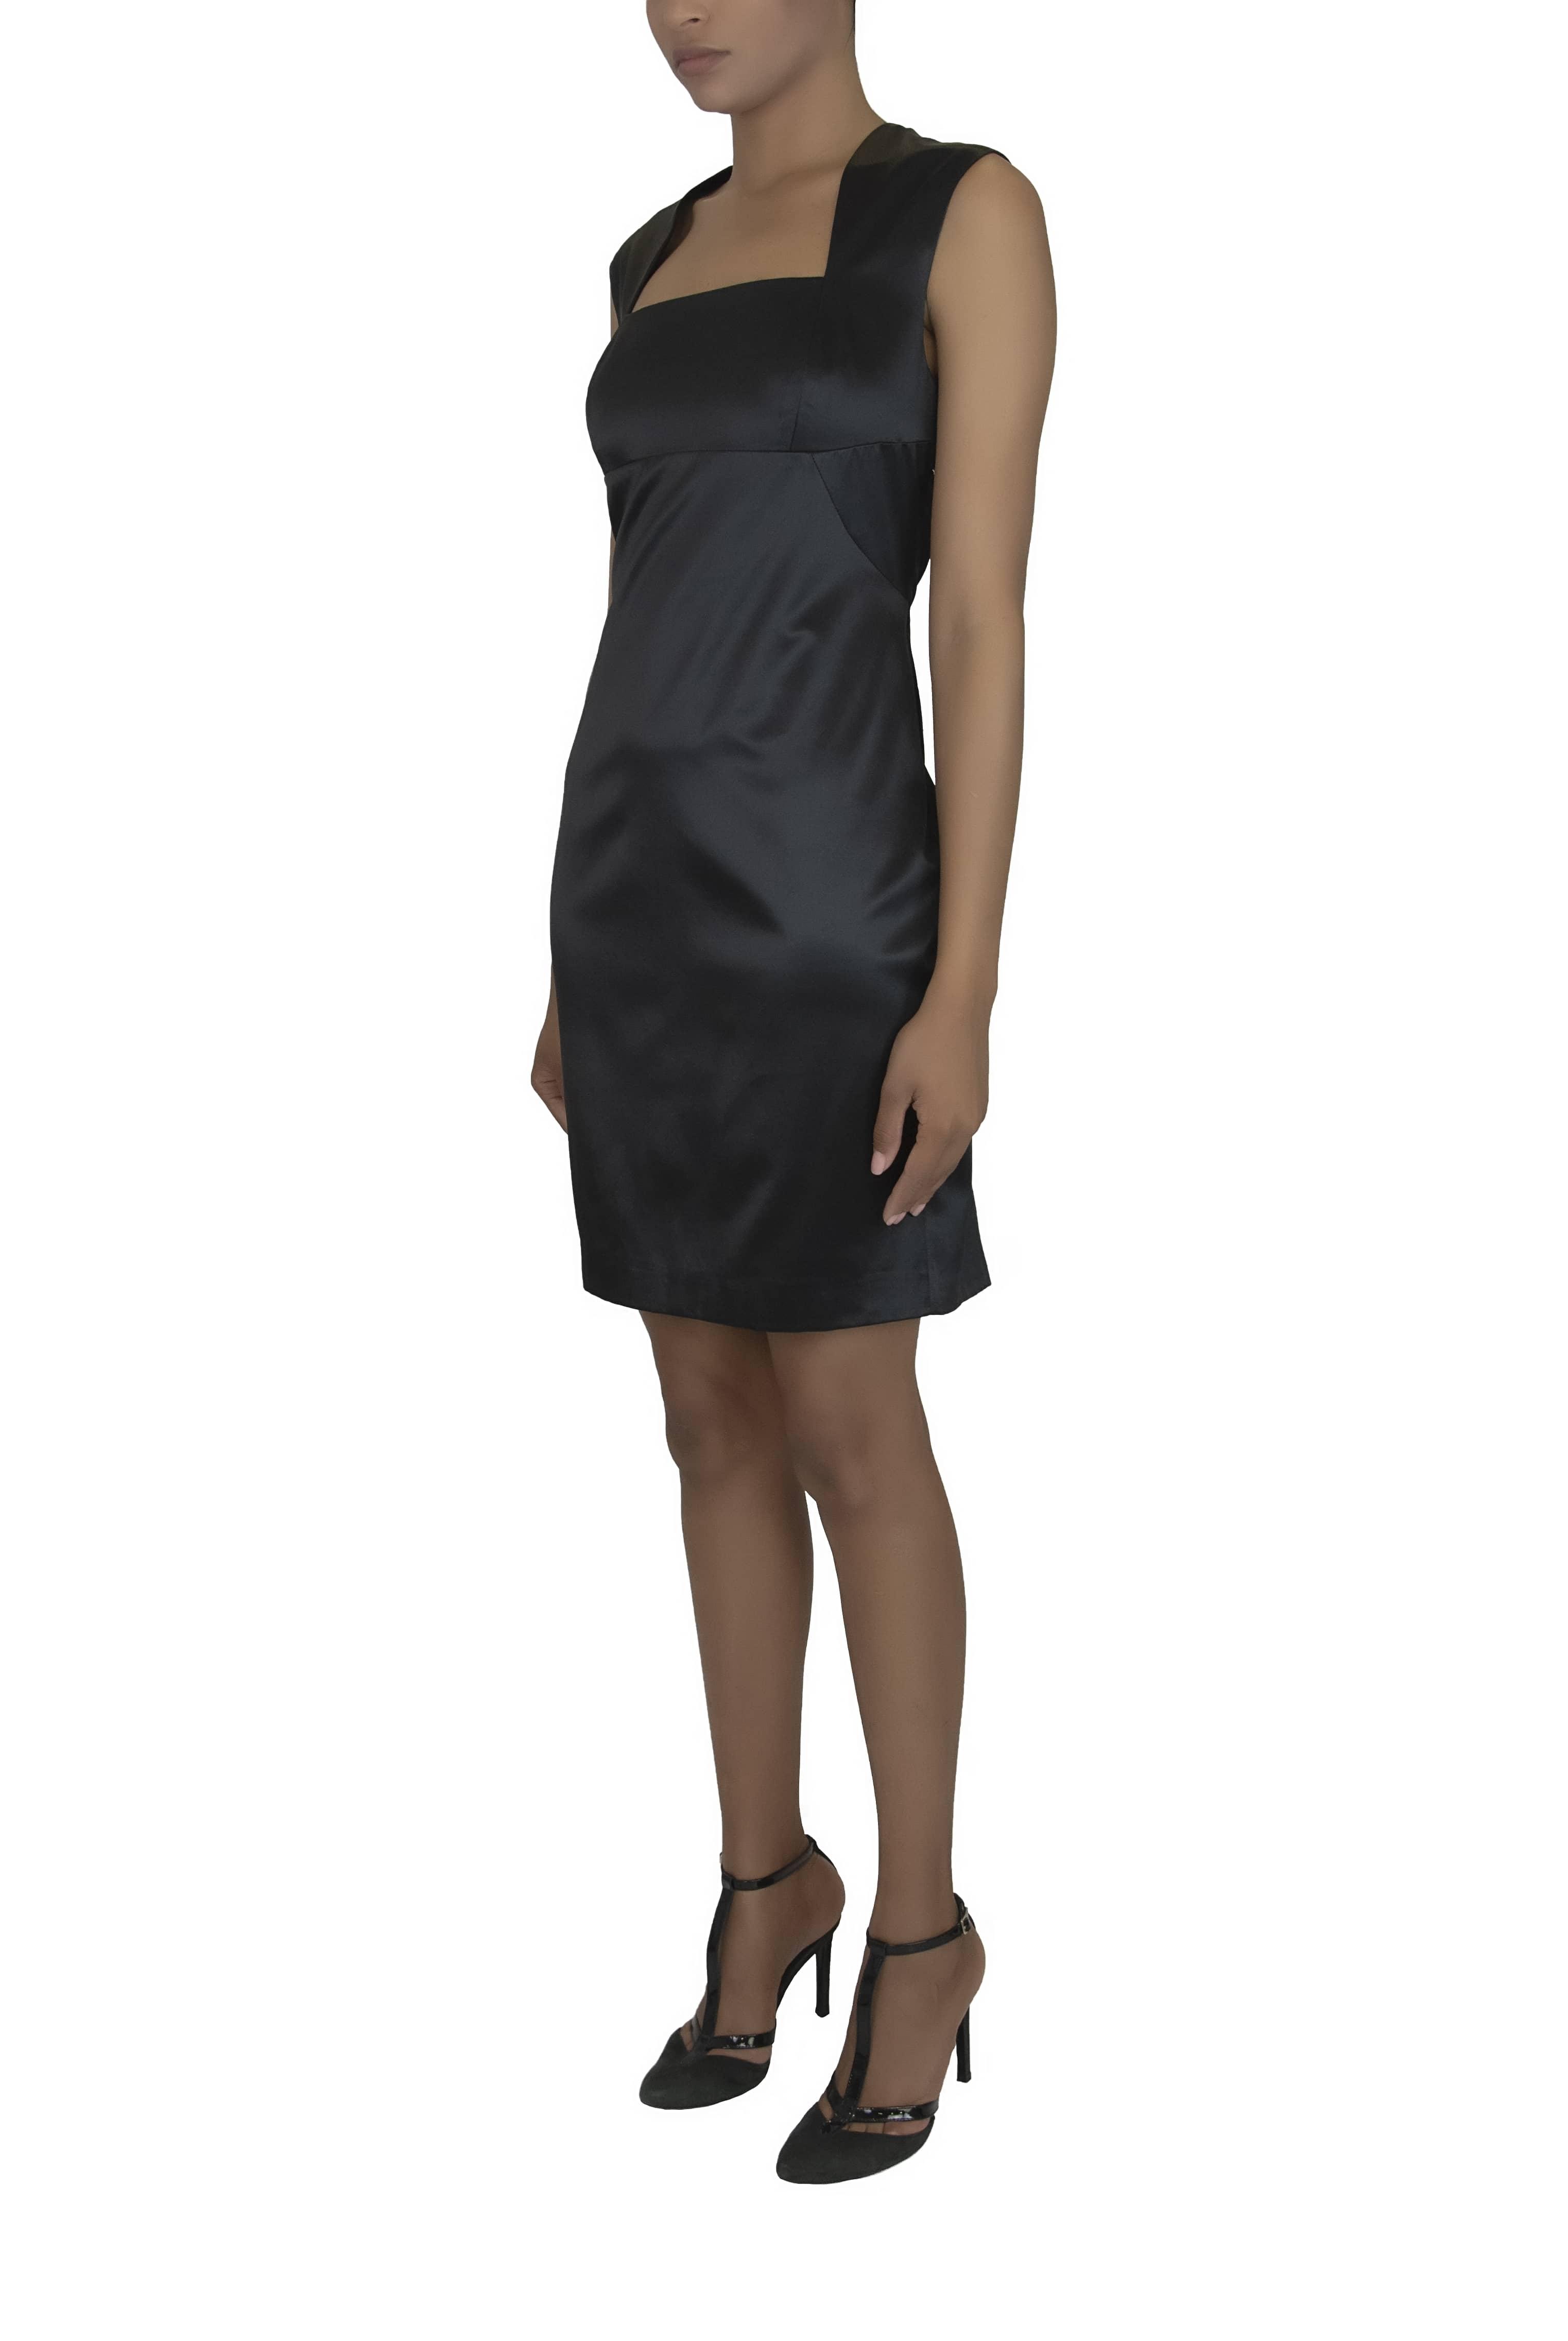 Dress LIBRA 2